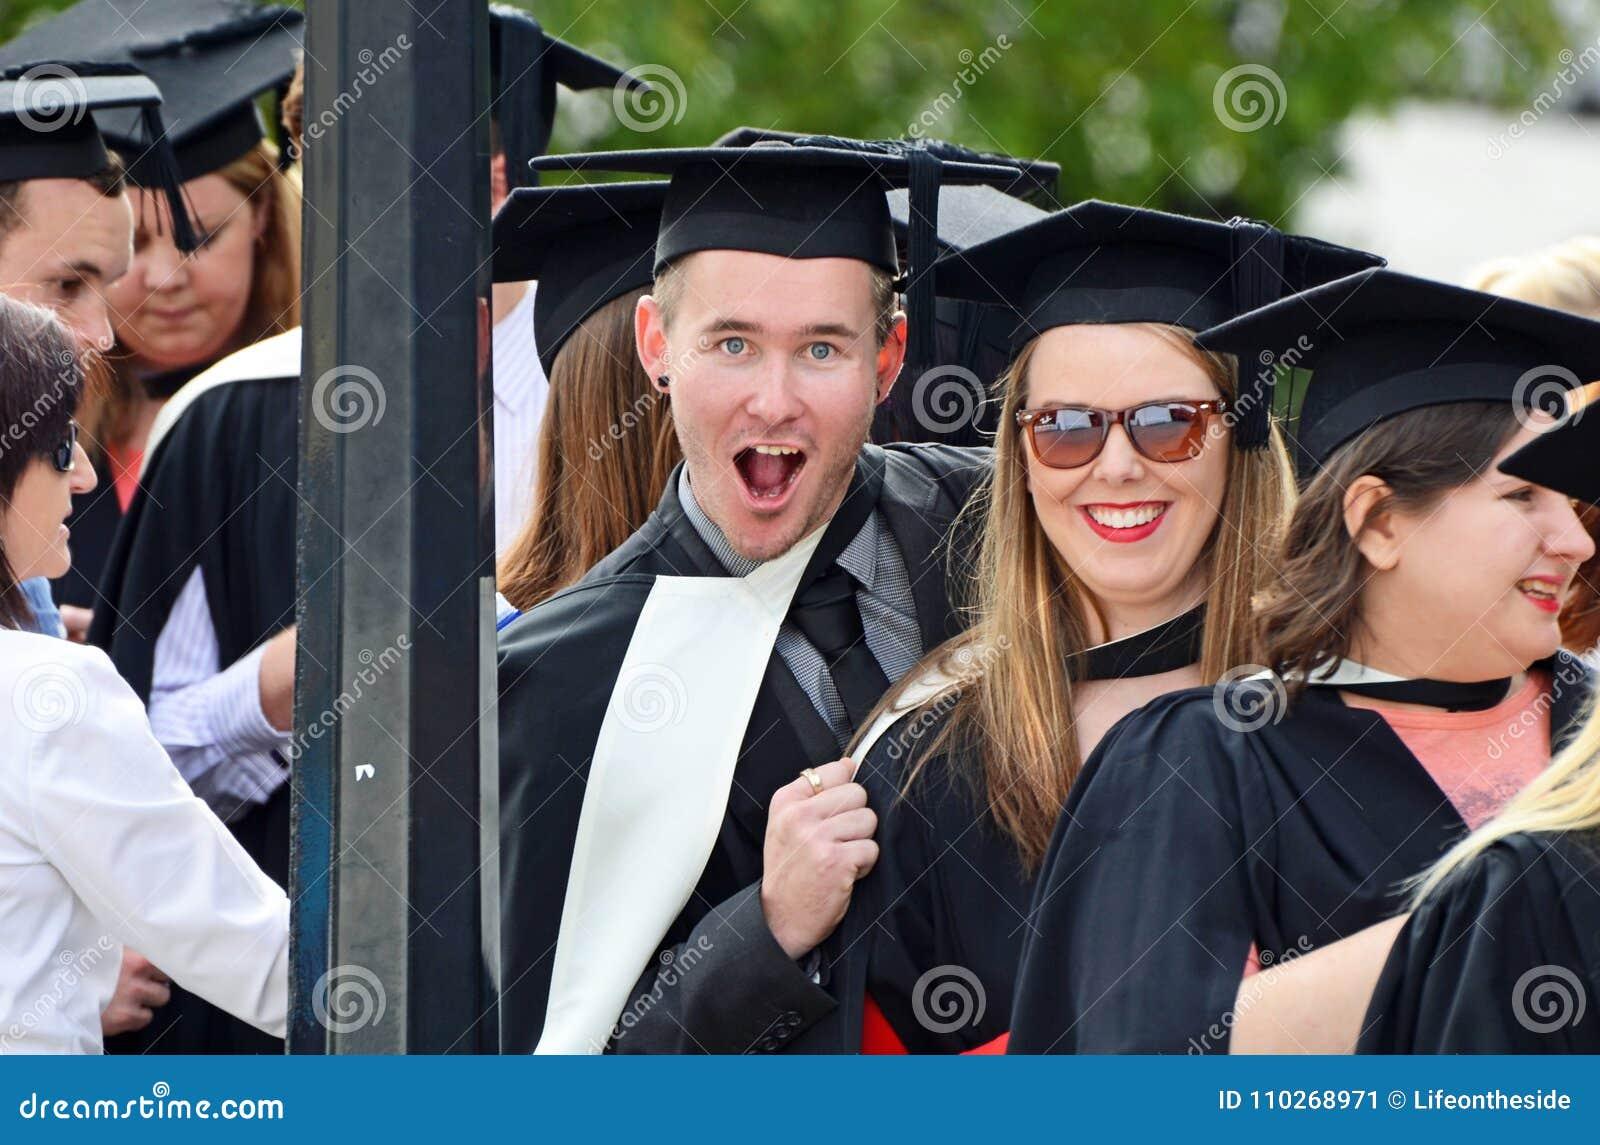 Estudiantes universitarios emocionados felices que gradúan día de graduación